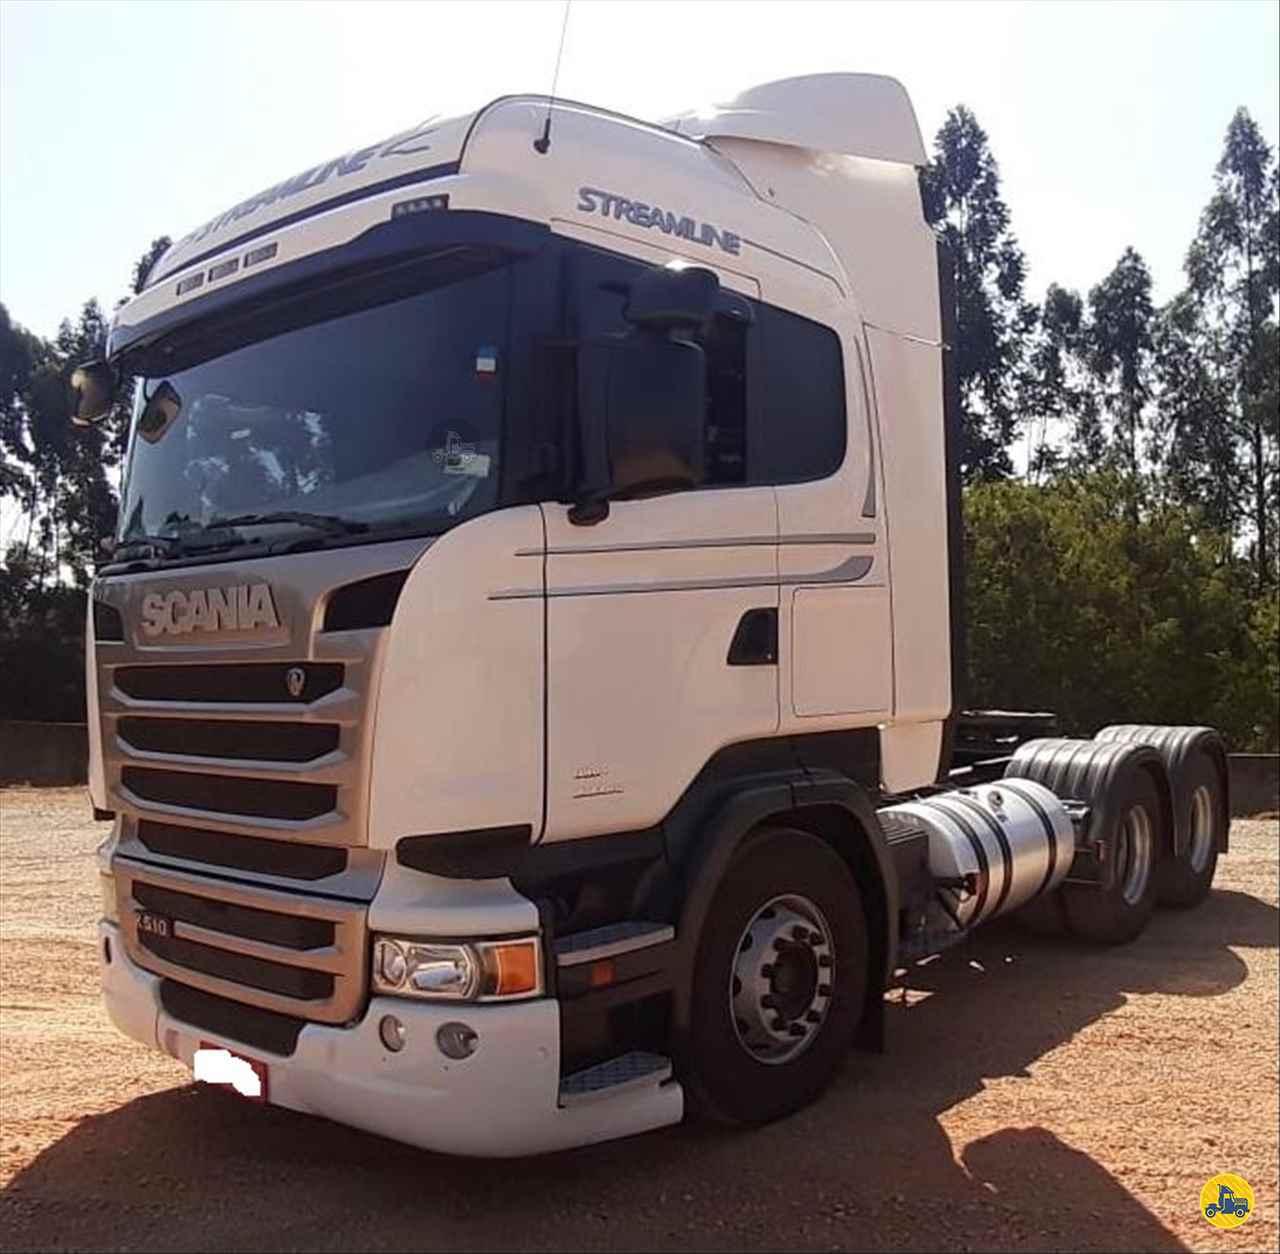 CAMINHAO SCANIA SCANIA 510 Cavalo Mecânico Traçado 6x4 Ebenezer Caminhões e Carretas CAPAO BONITO SÃO PAULO SP